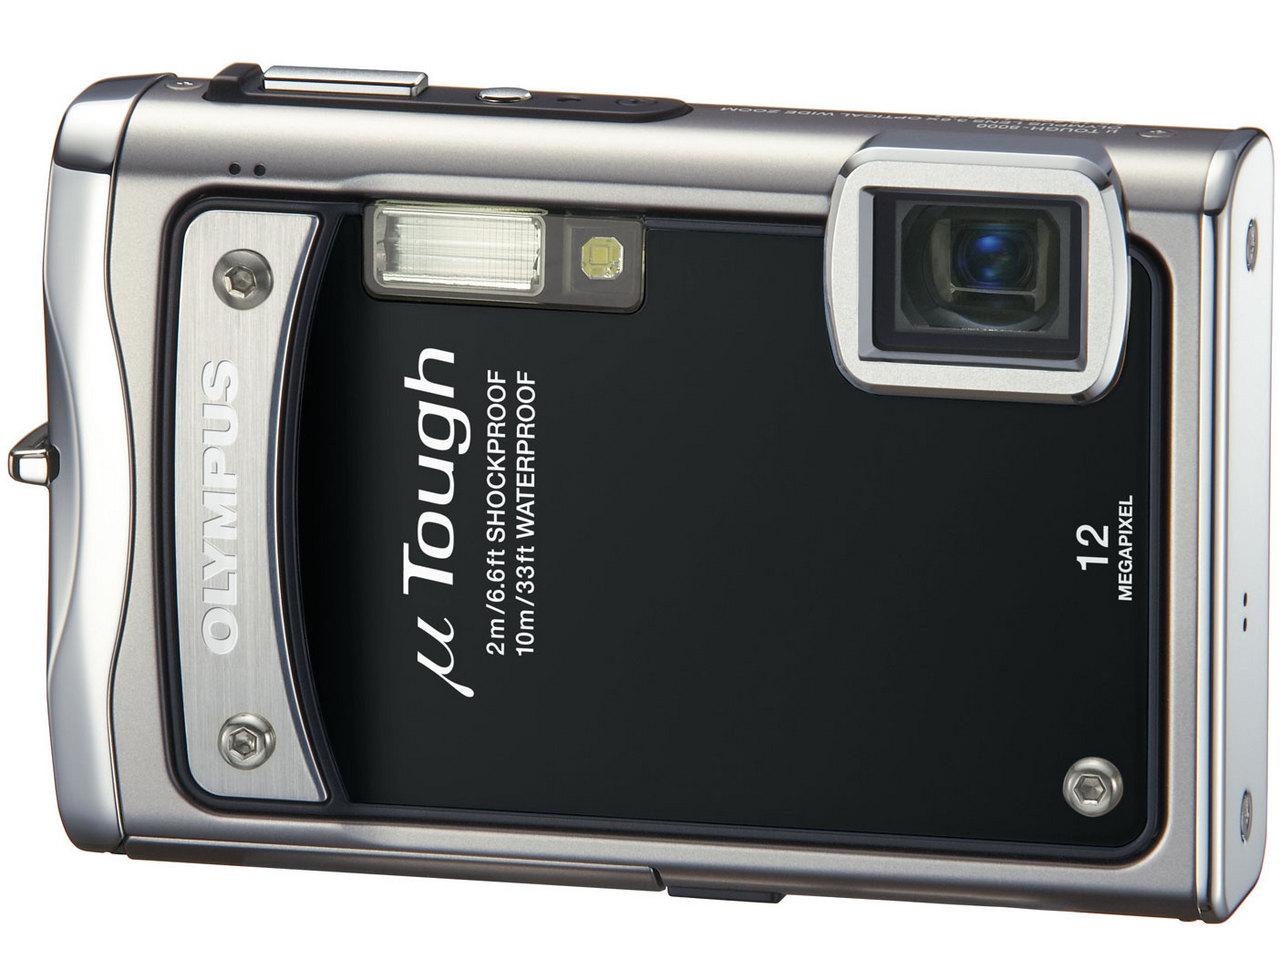 『本体 正面2 ブラック』 μ TOUGH-8000 の製品画像